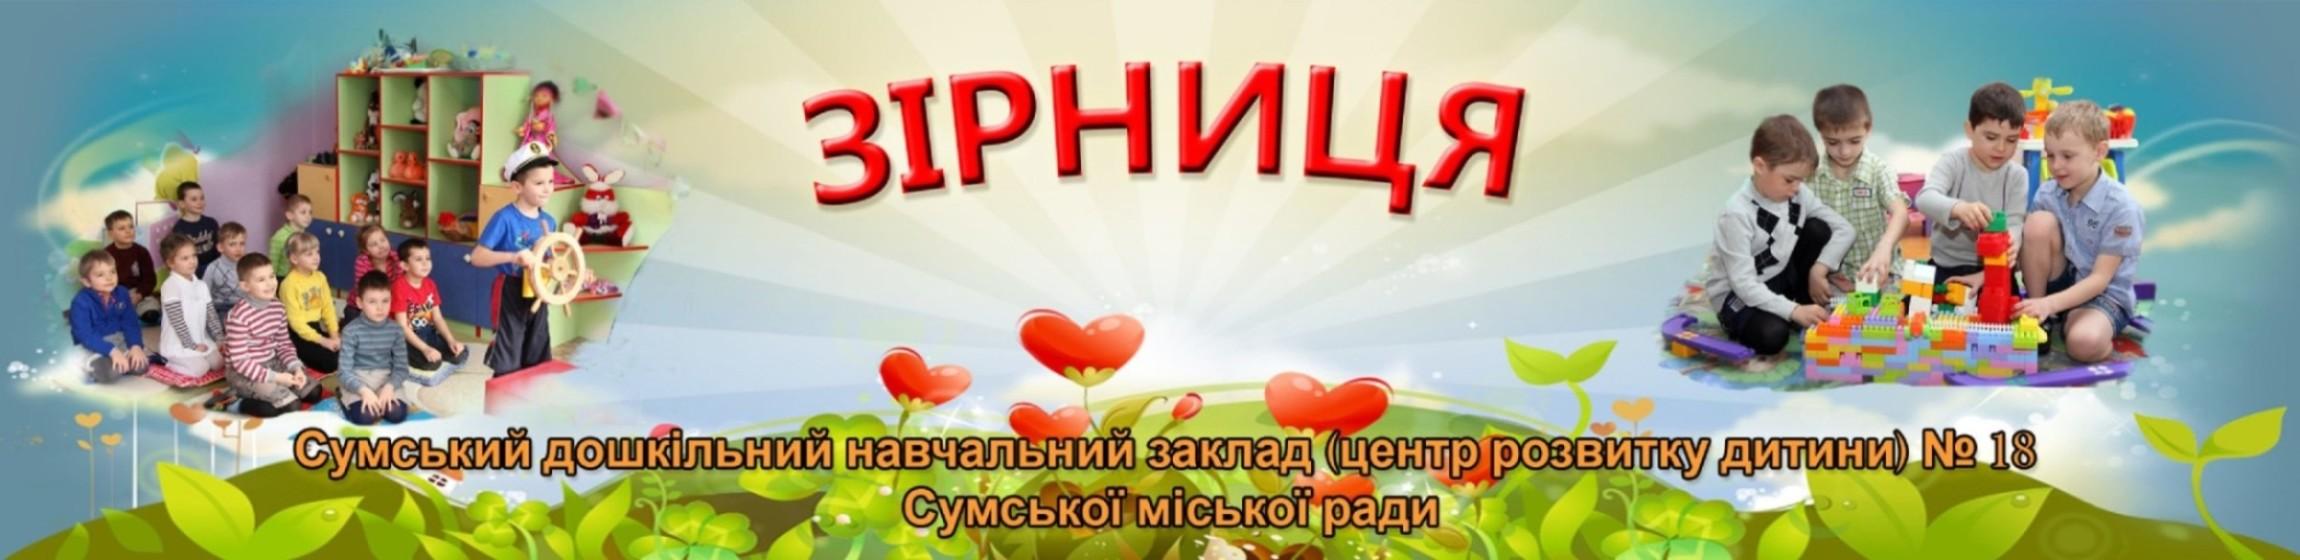 """ДНЗ № 18 """"Зірниця"""""""